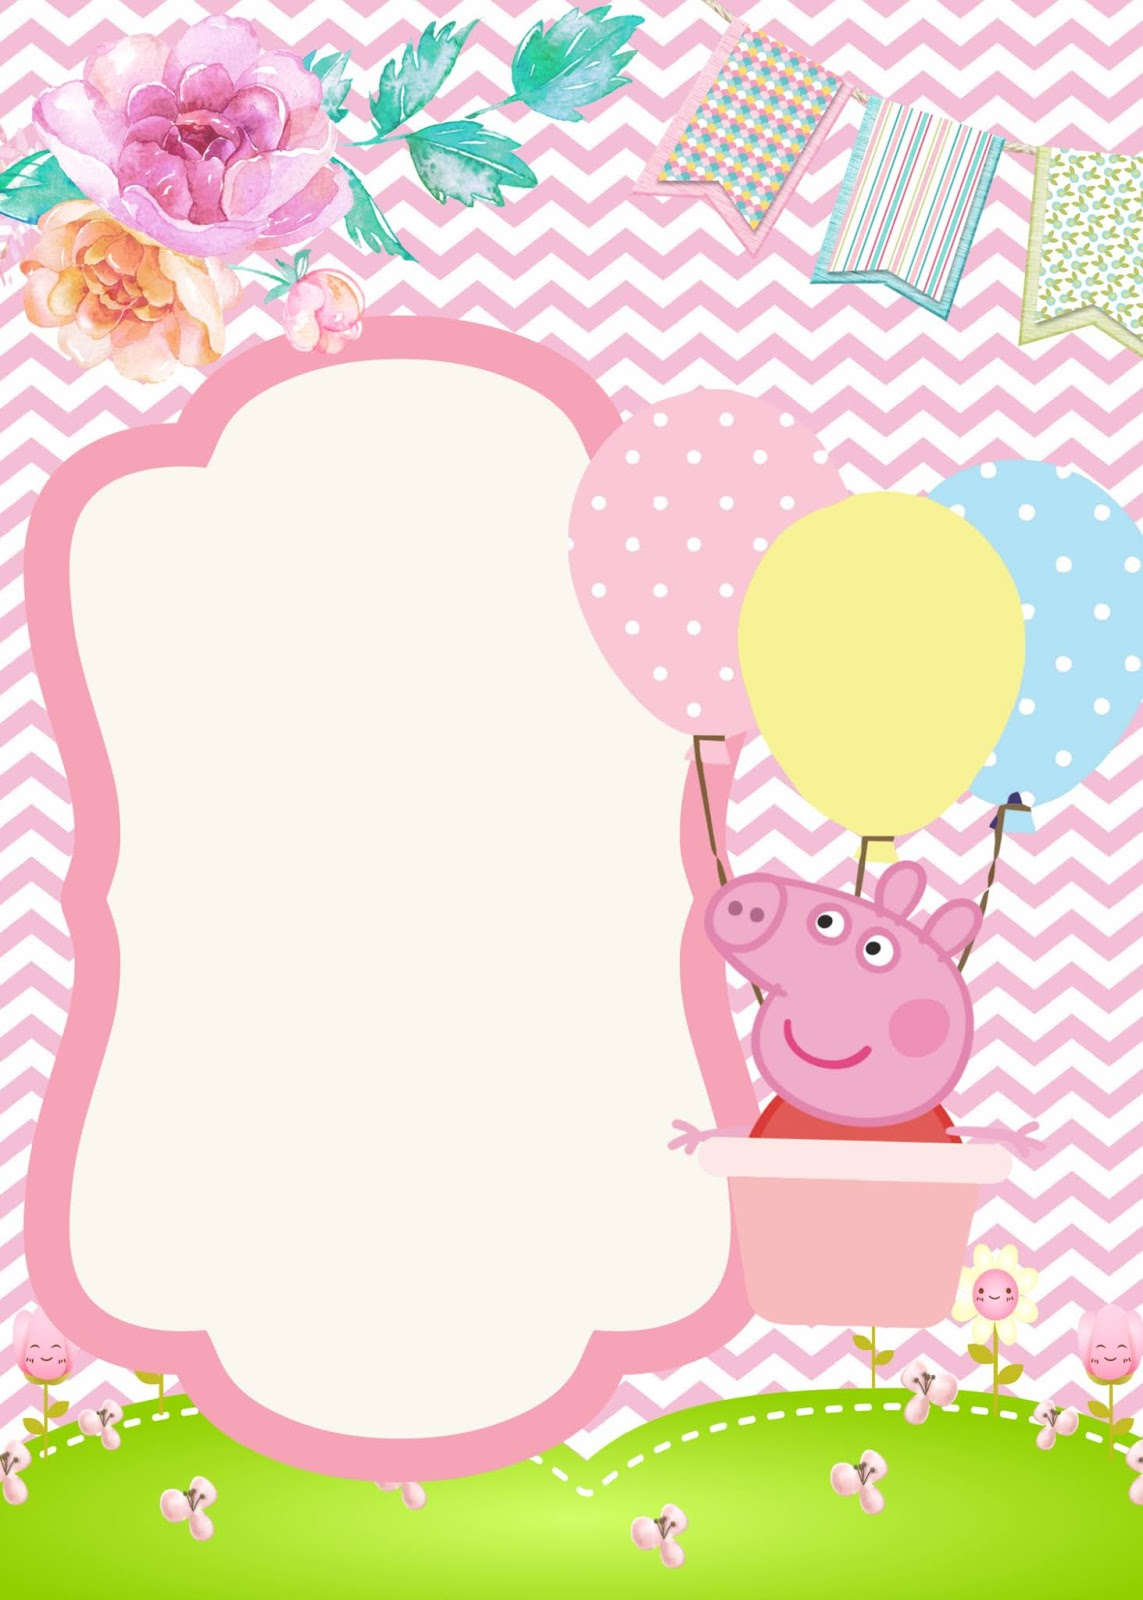 11 Convite De Aniversario Gratis Para Baixar Peppa Pig